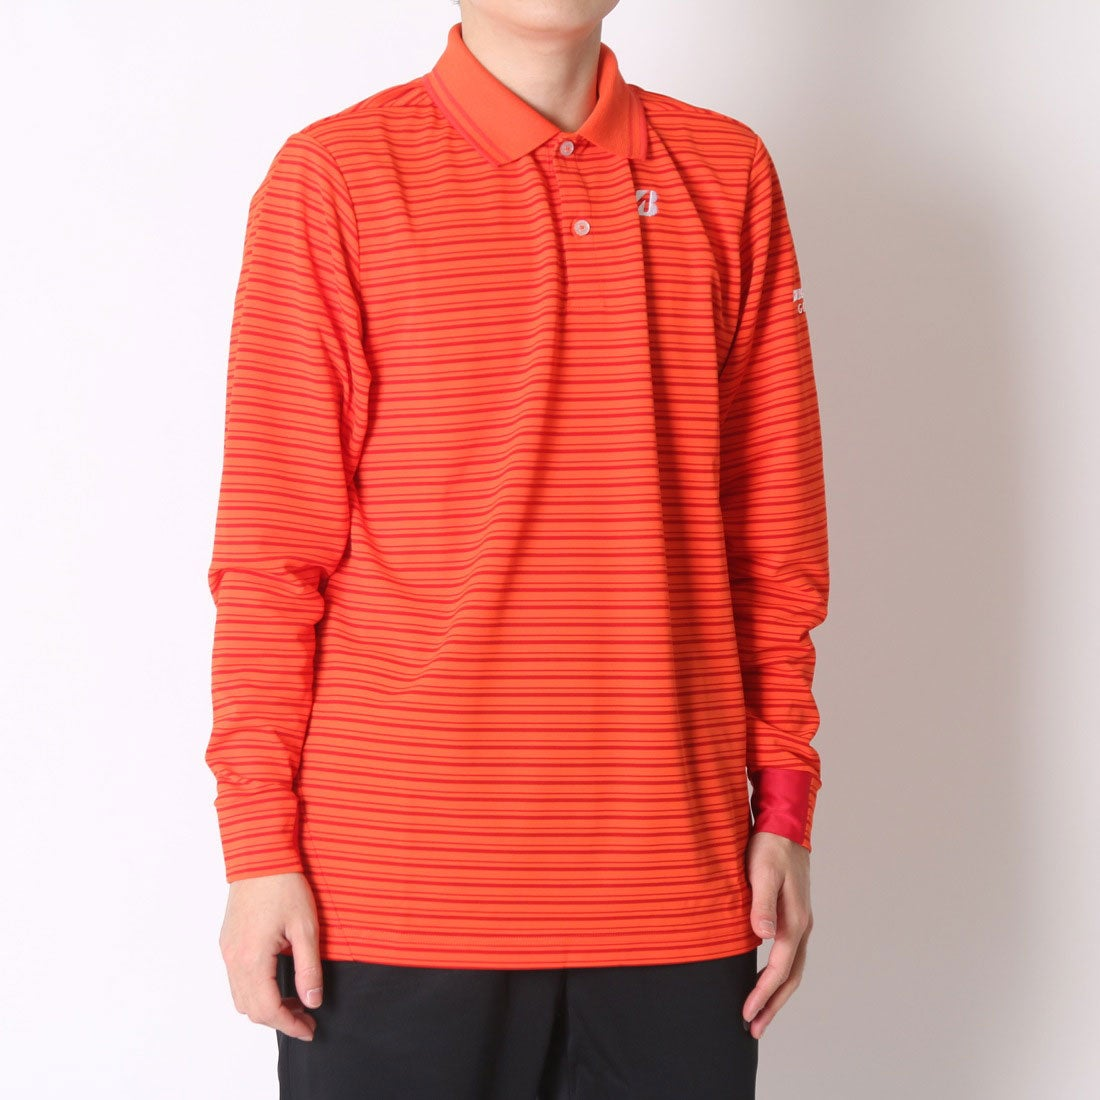 【SALE 61%OFF】【アウトレット】ブリヂストン ゴルフ BRIDGESTONE GOLF ゴルフシャツ 16SS BGメンズナガシャツ 1GDM1F (オレンジ) メンズ